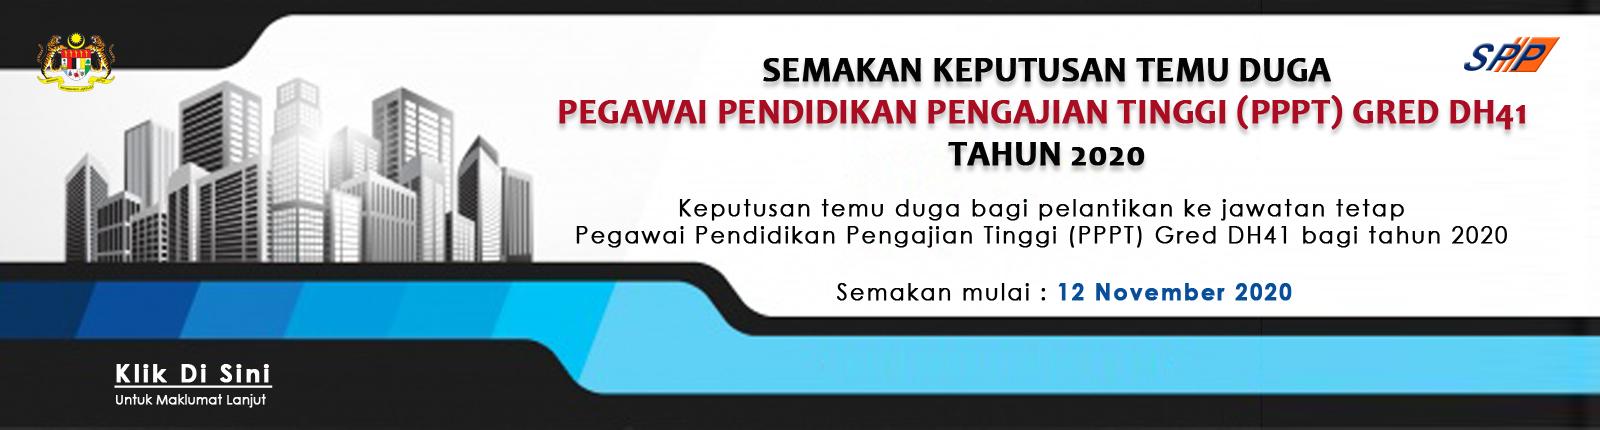 Portal Rasmi Suruhanjaya Perkhidmatan Pelajaran Permohonan Jawatan Di Bawah Perkhidmatan Pelajaran